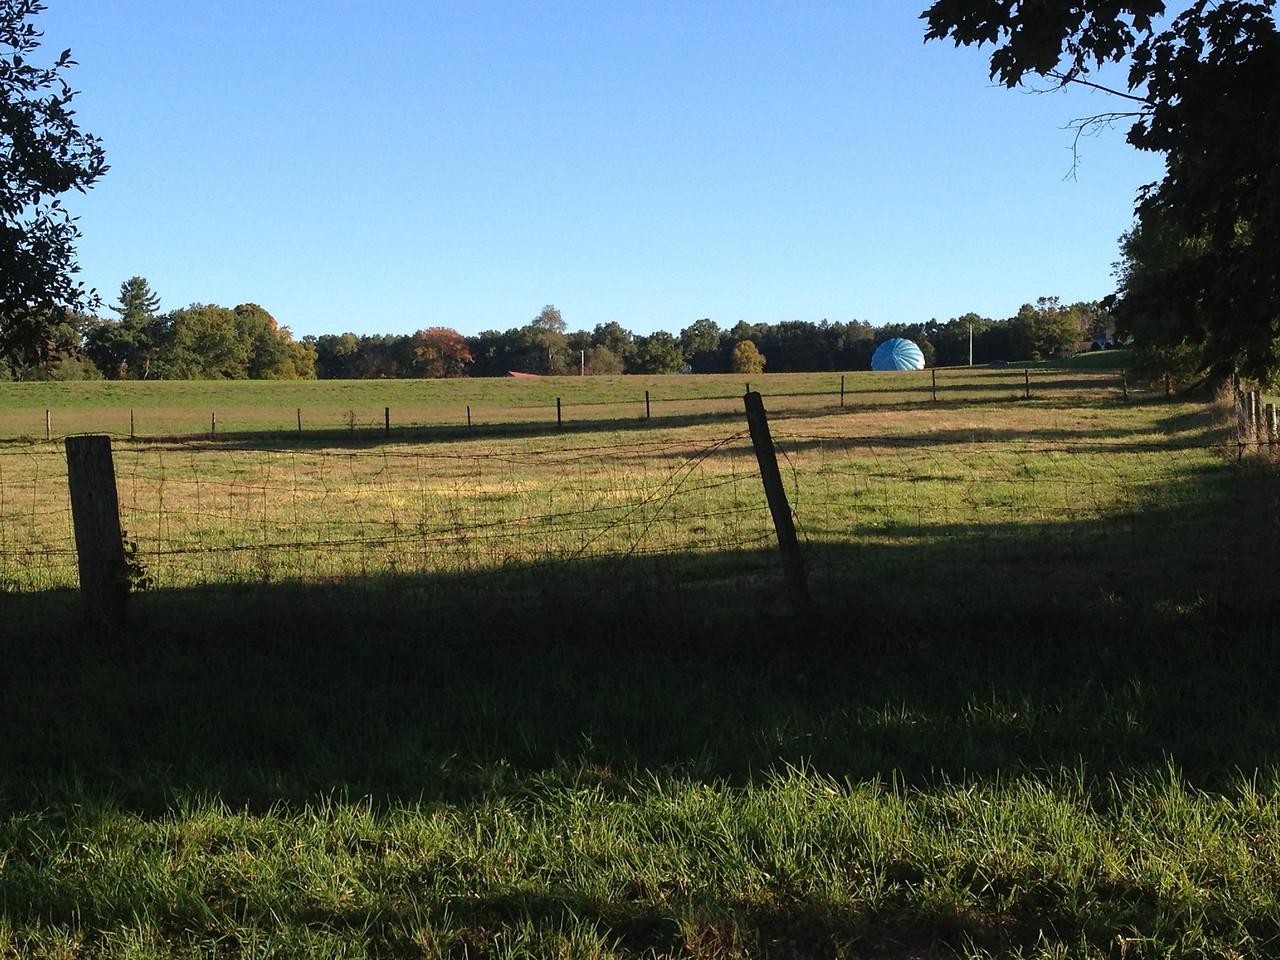 Balloon across the field